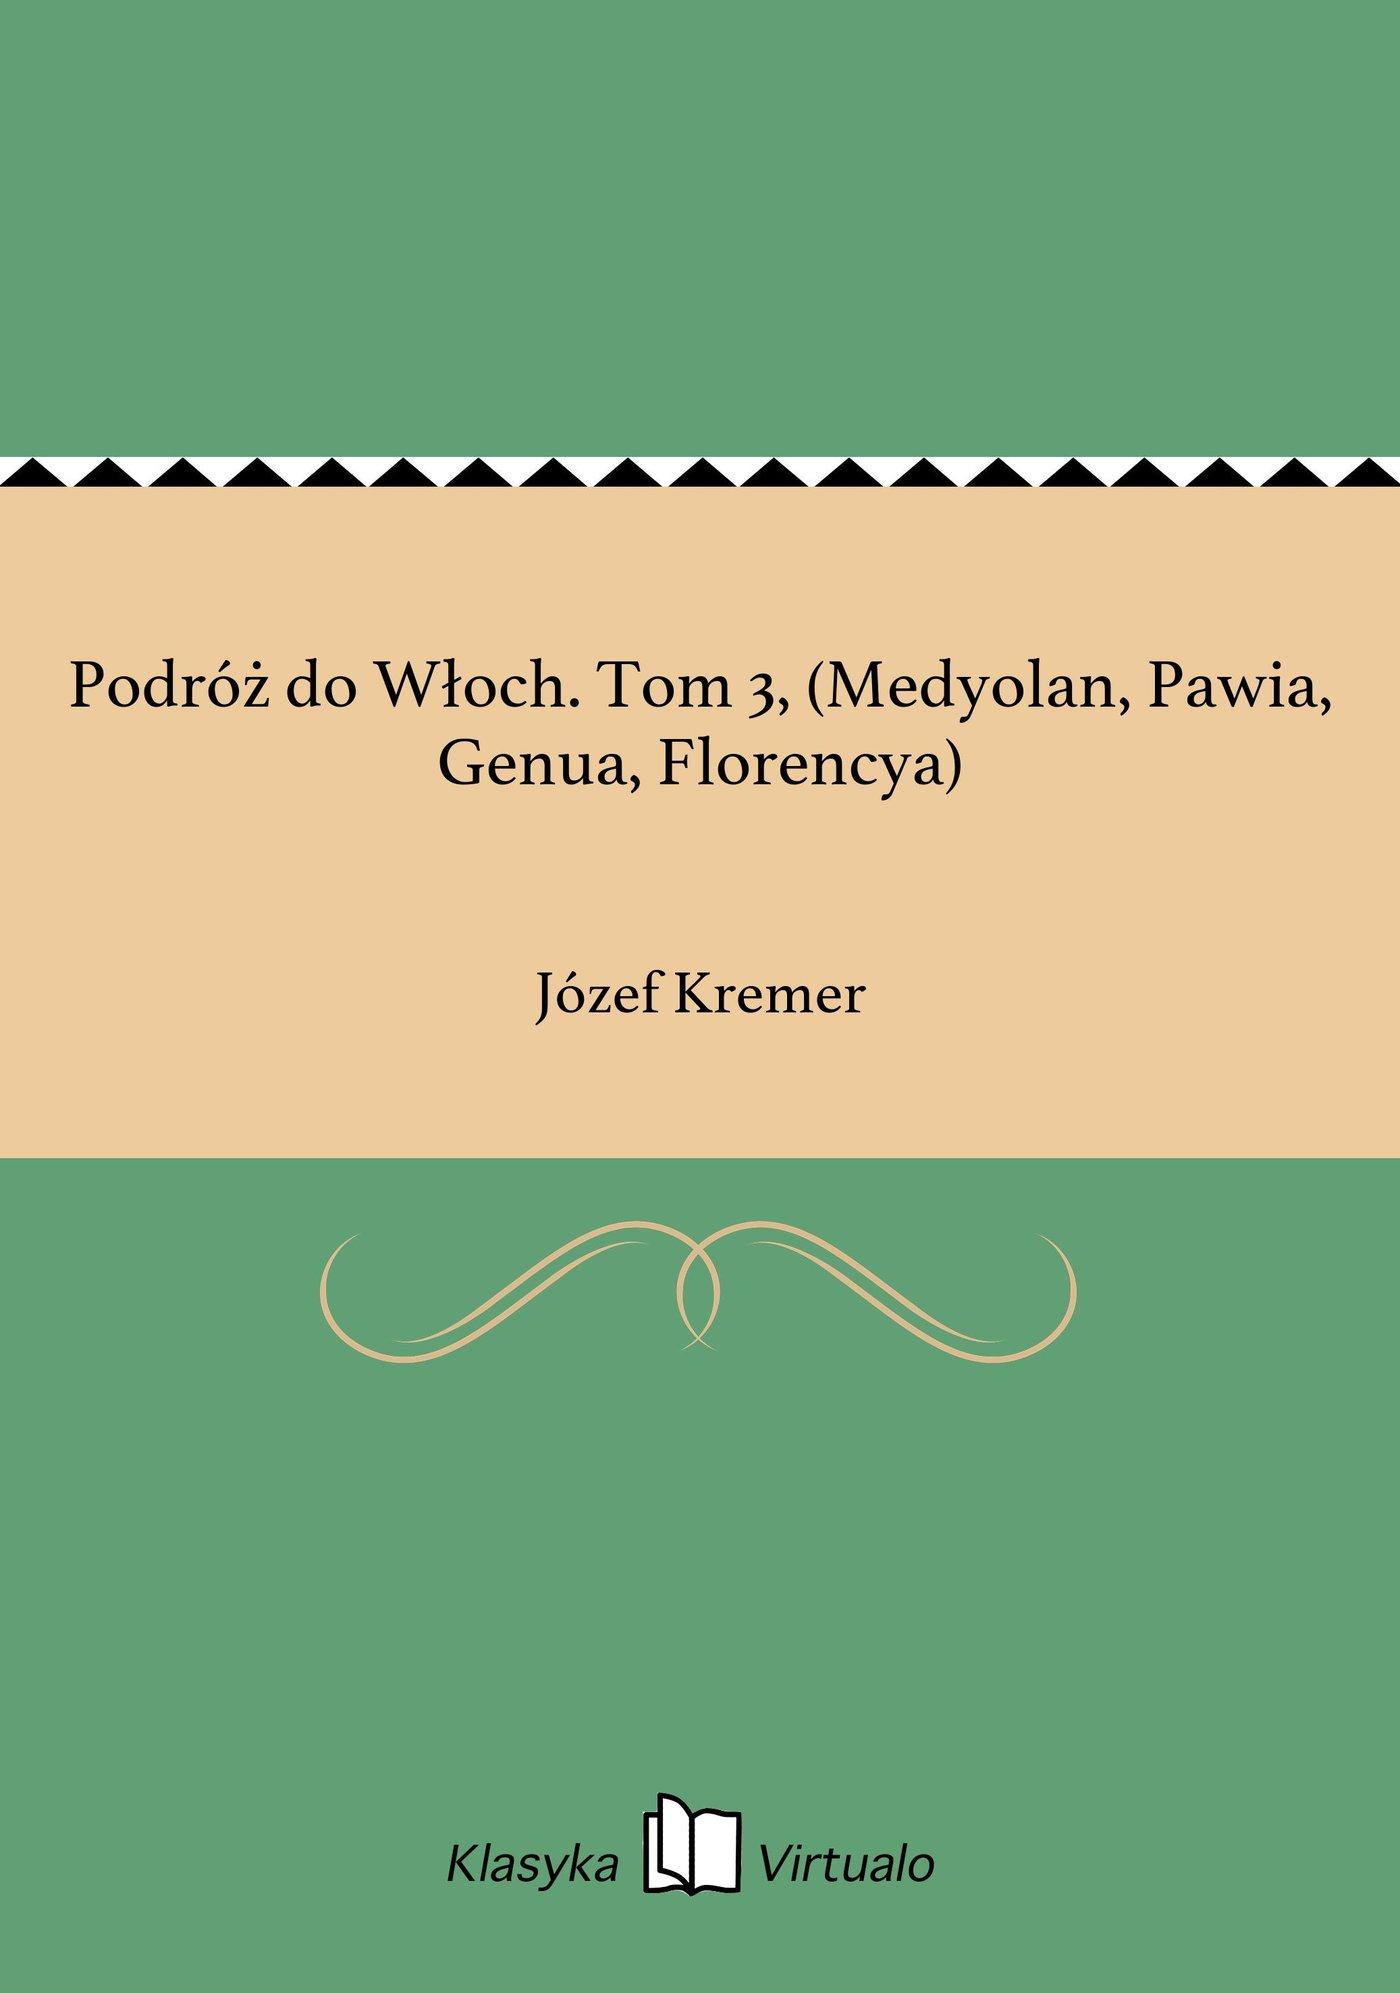 Podróż do Włoch. Tom 3, (Medyolan, Pawia, Genua, Florencya) - Ebook (Książka EPUB) do pobrania w formacie EPUB